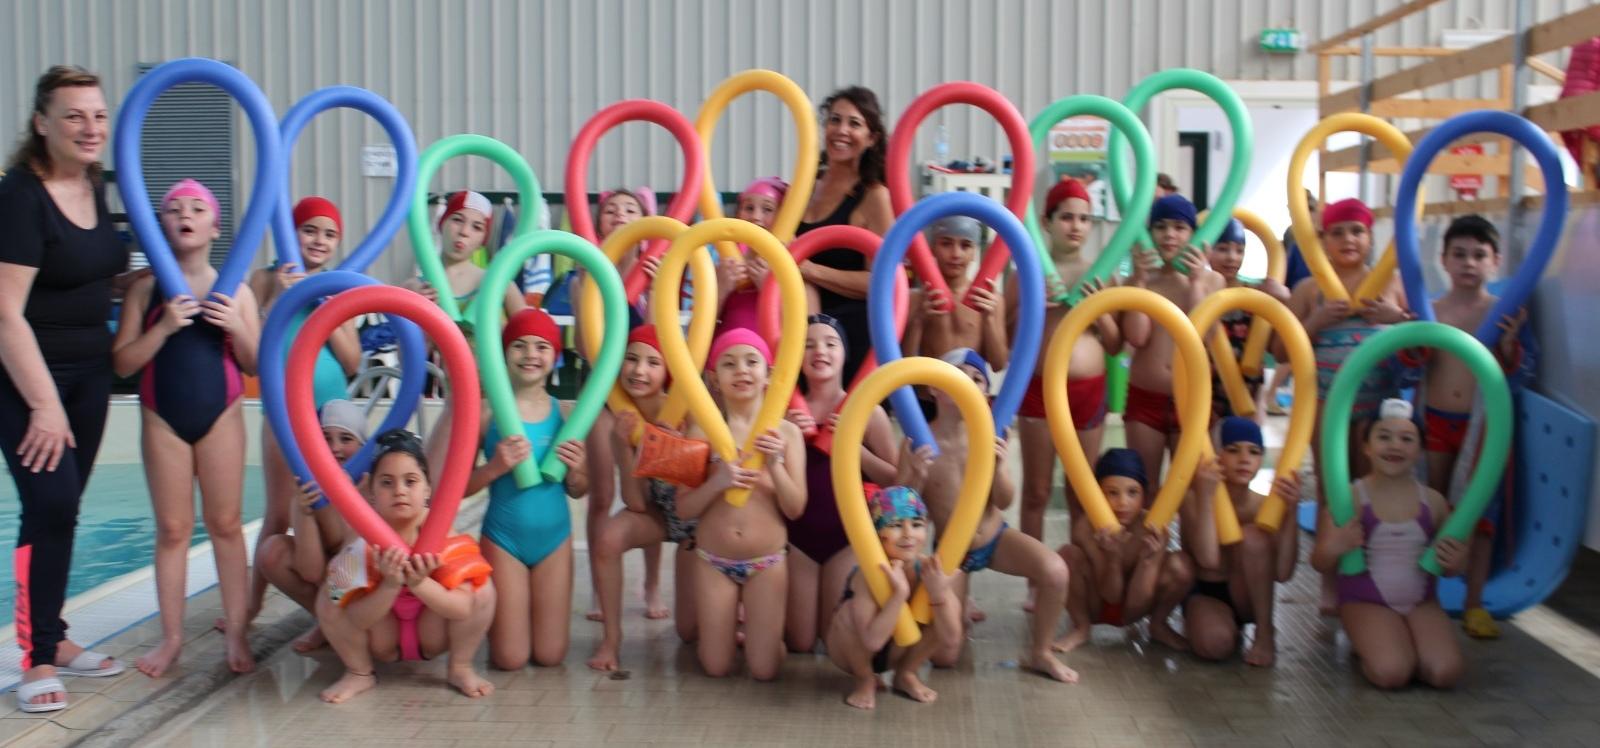 """Nuoto a scuola: gli alunni della """"Sturzo Asta"""" sulla cresta dell'onda"""